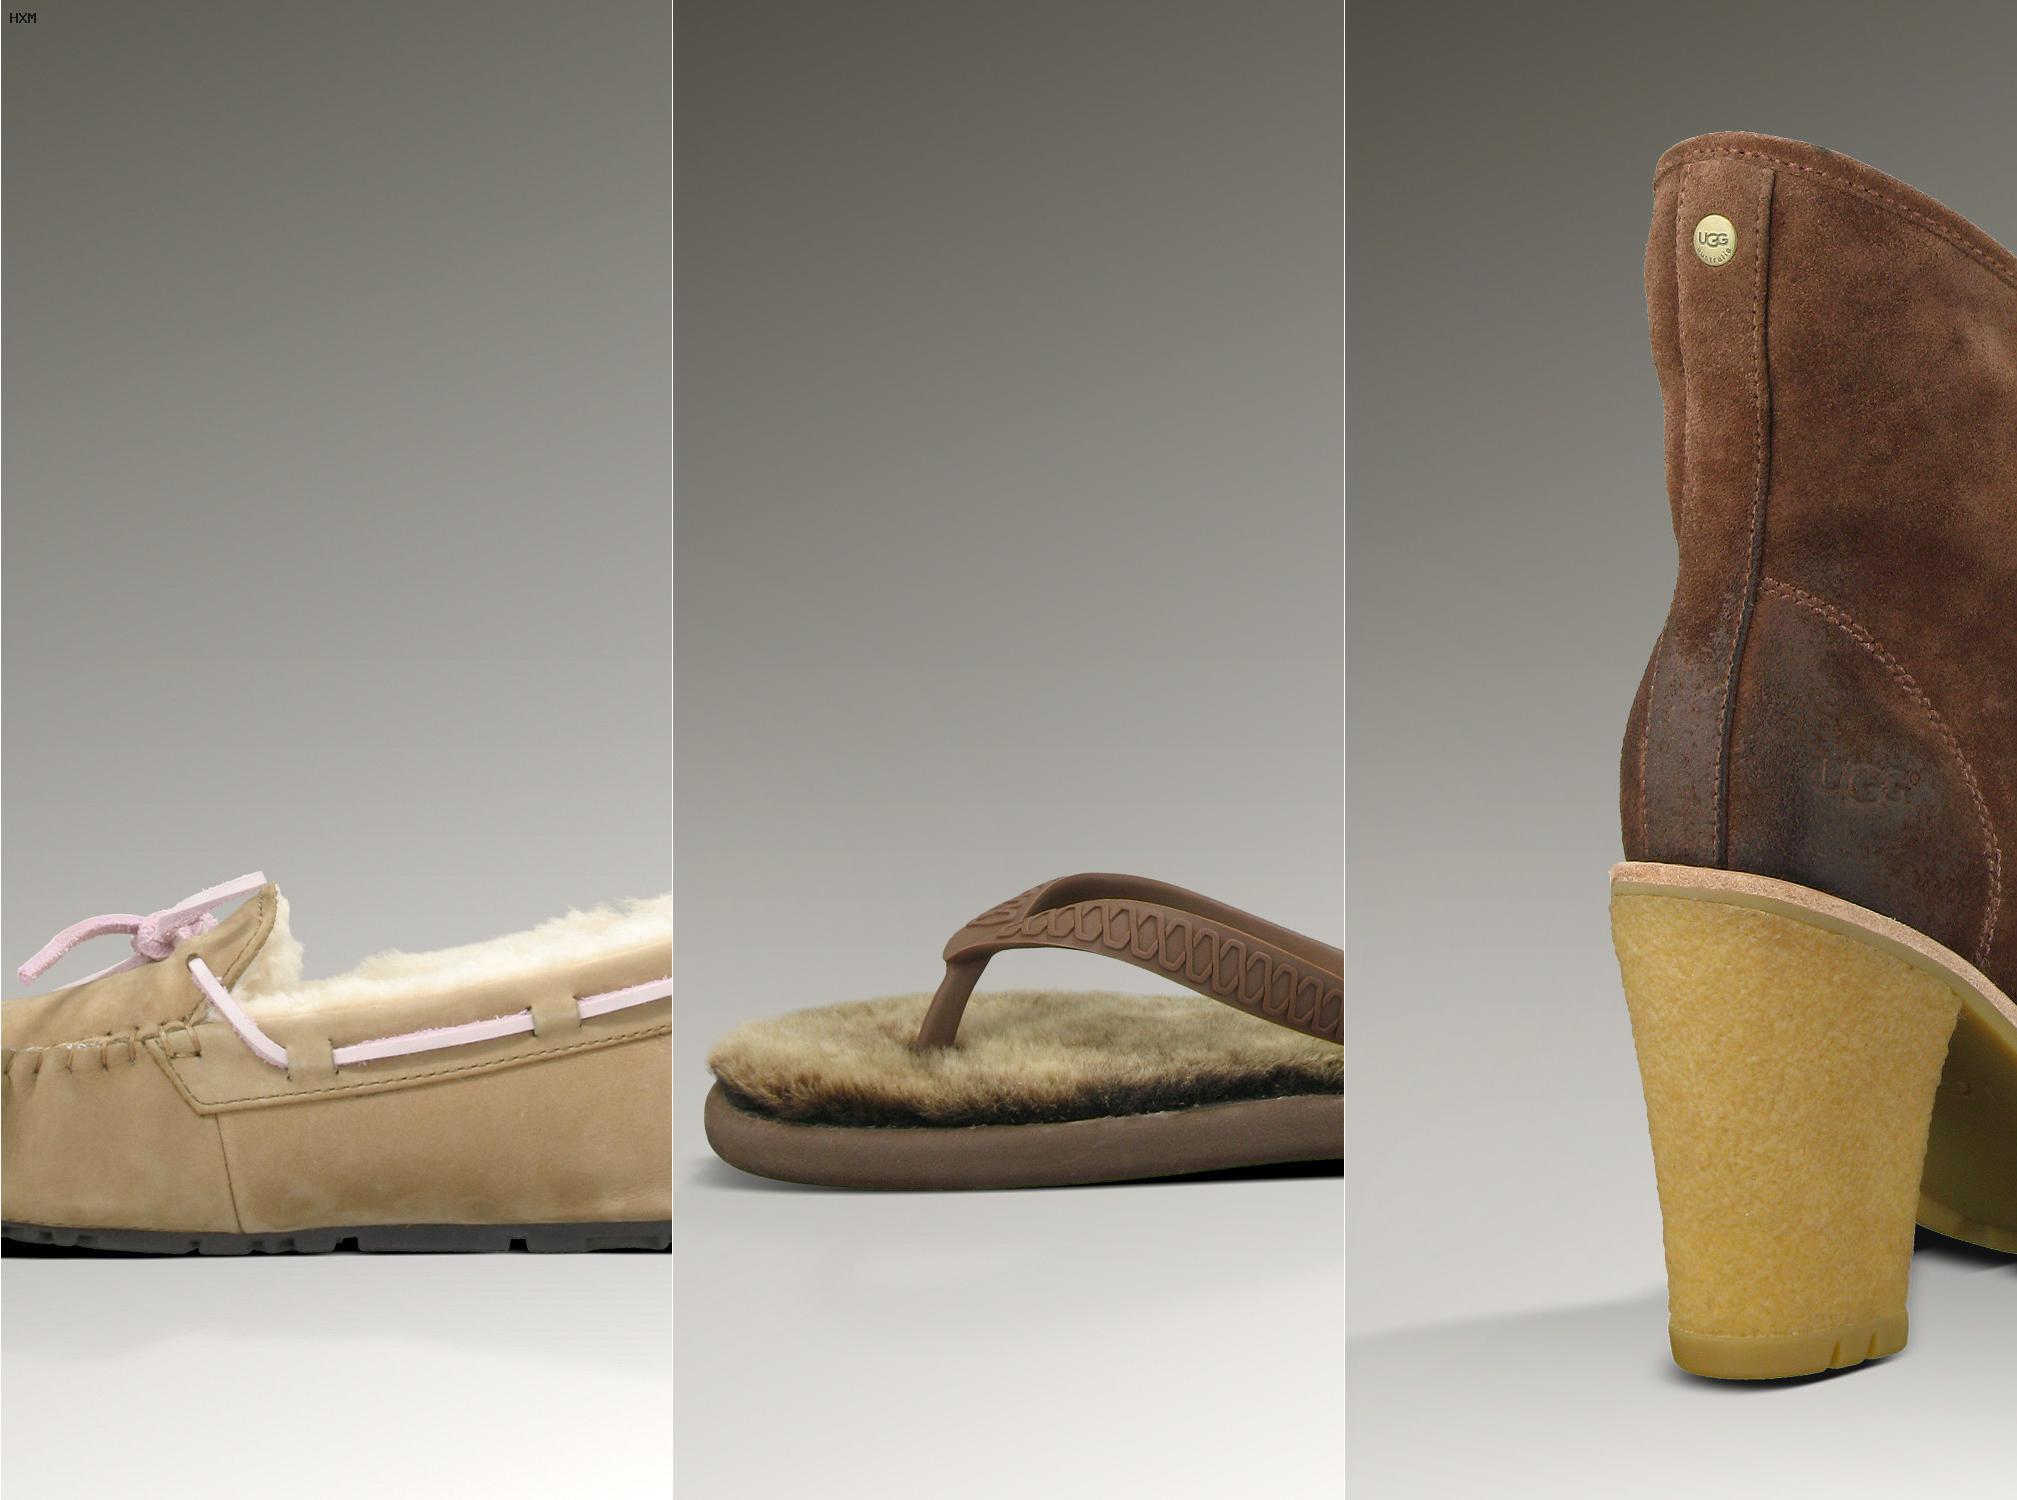 ofertas botas ugg